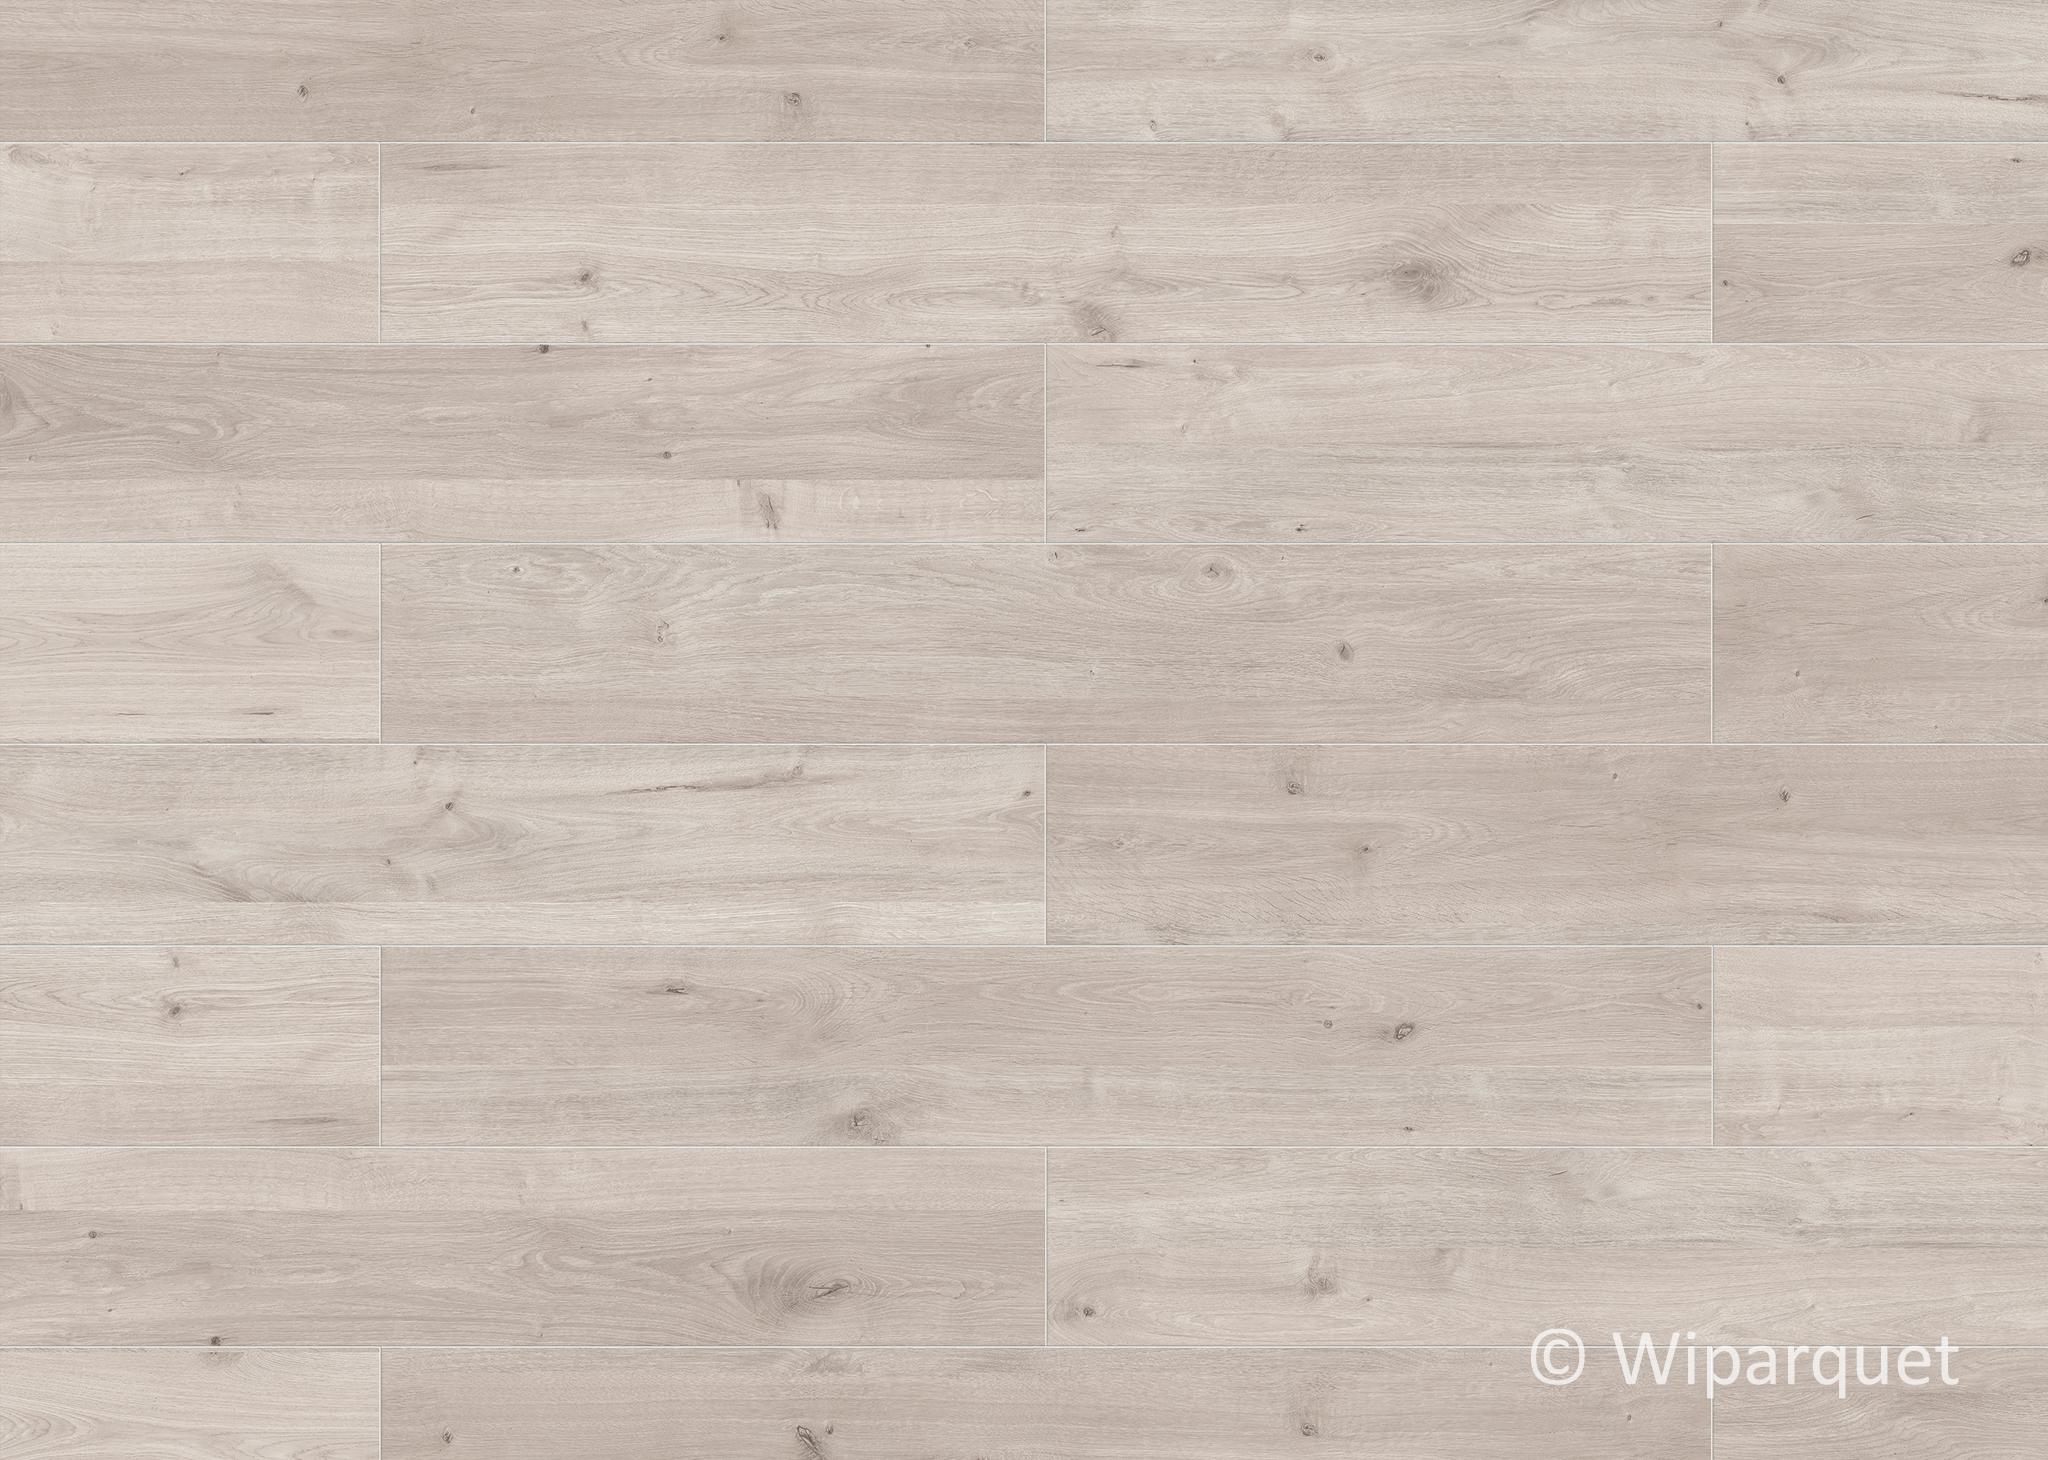 Wiparquet Eco Aqua Oak light grey mix